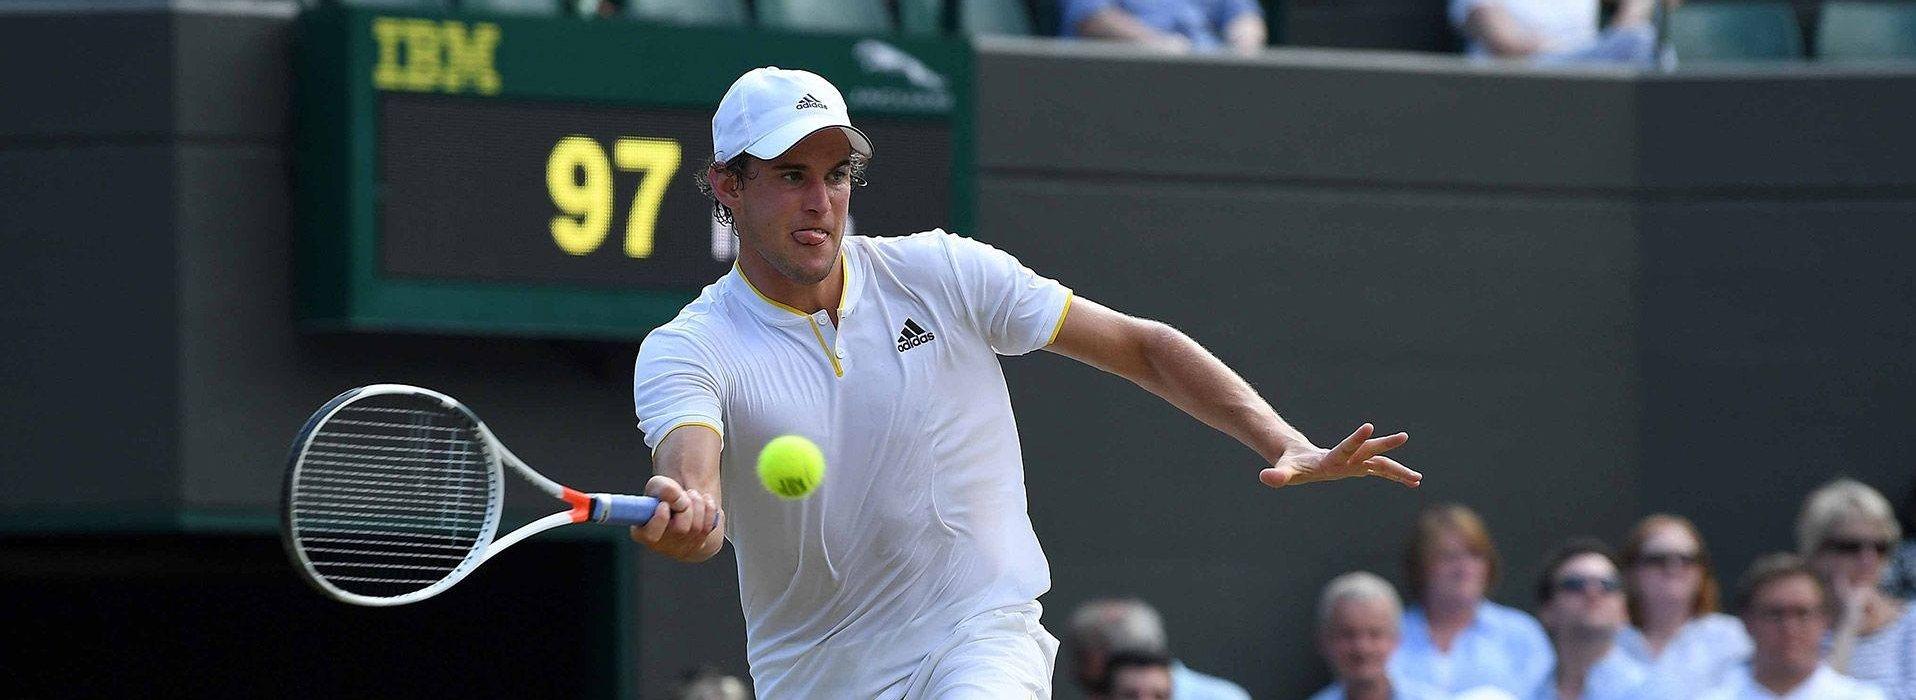 Dominic Thiem möchte in Wimbledon alles geben